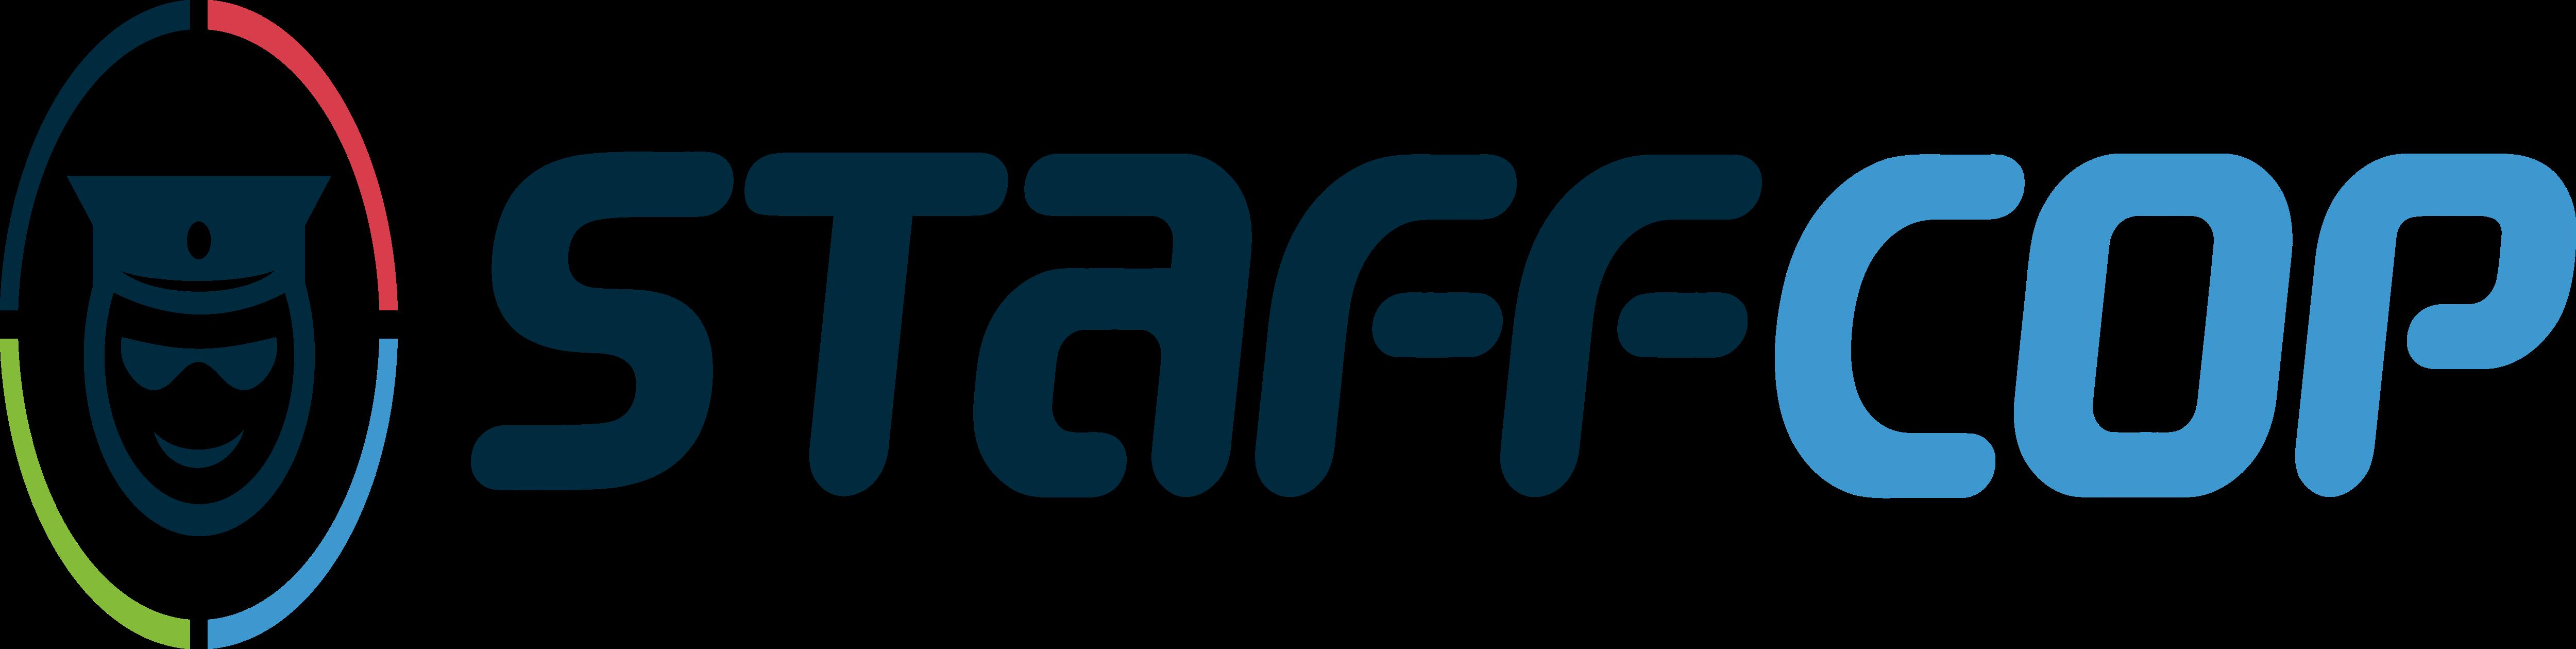 Новые возможности системы контроля сотрудников StaffCop Enterprise